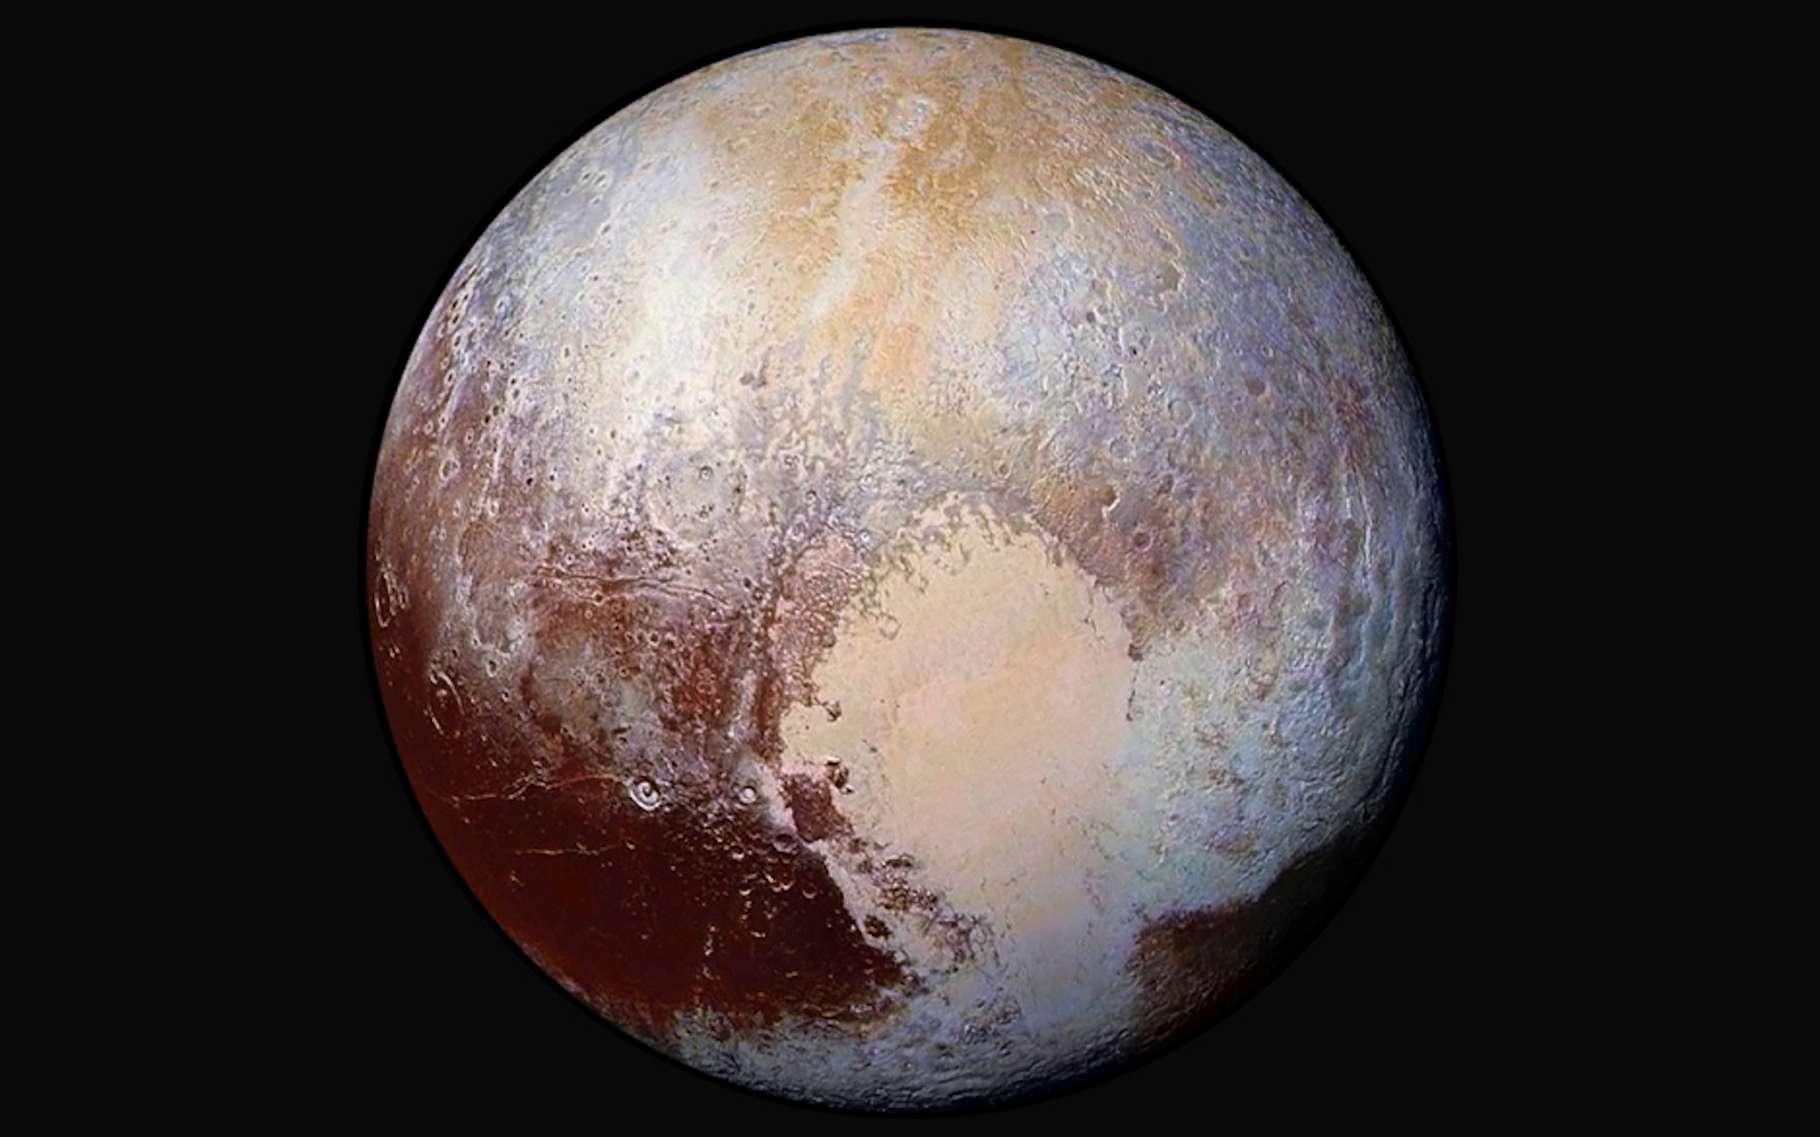 Quatre images de l'imageur de reconnaissance à longue portée (LORRI) de la sonde New Horizons ont été combinées avec les données de couleur de l'instrument Ralph pour créer cette vue globale de Pluton. © Nasa/JHUAPL/SwRI